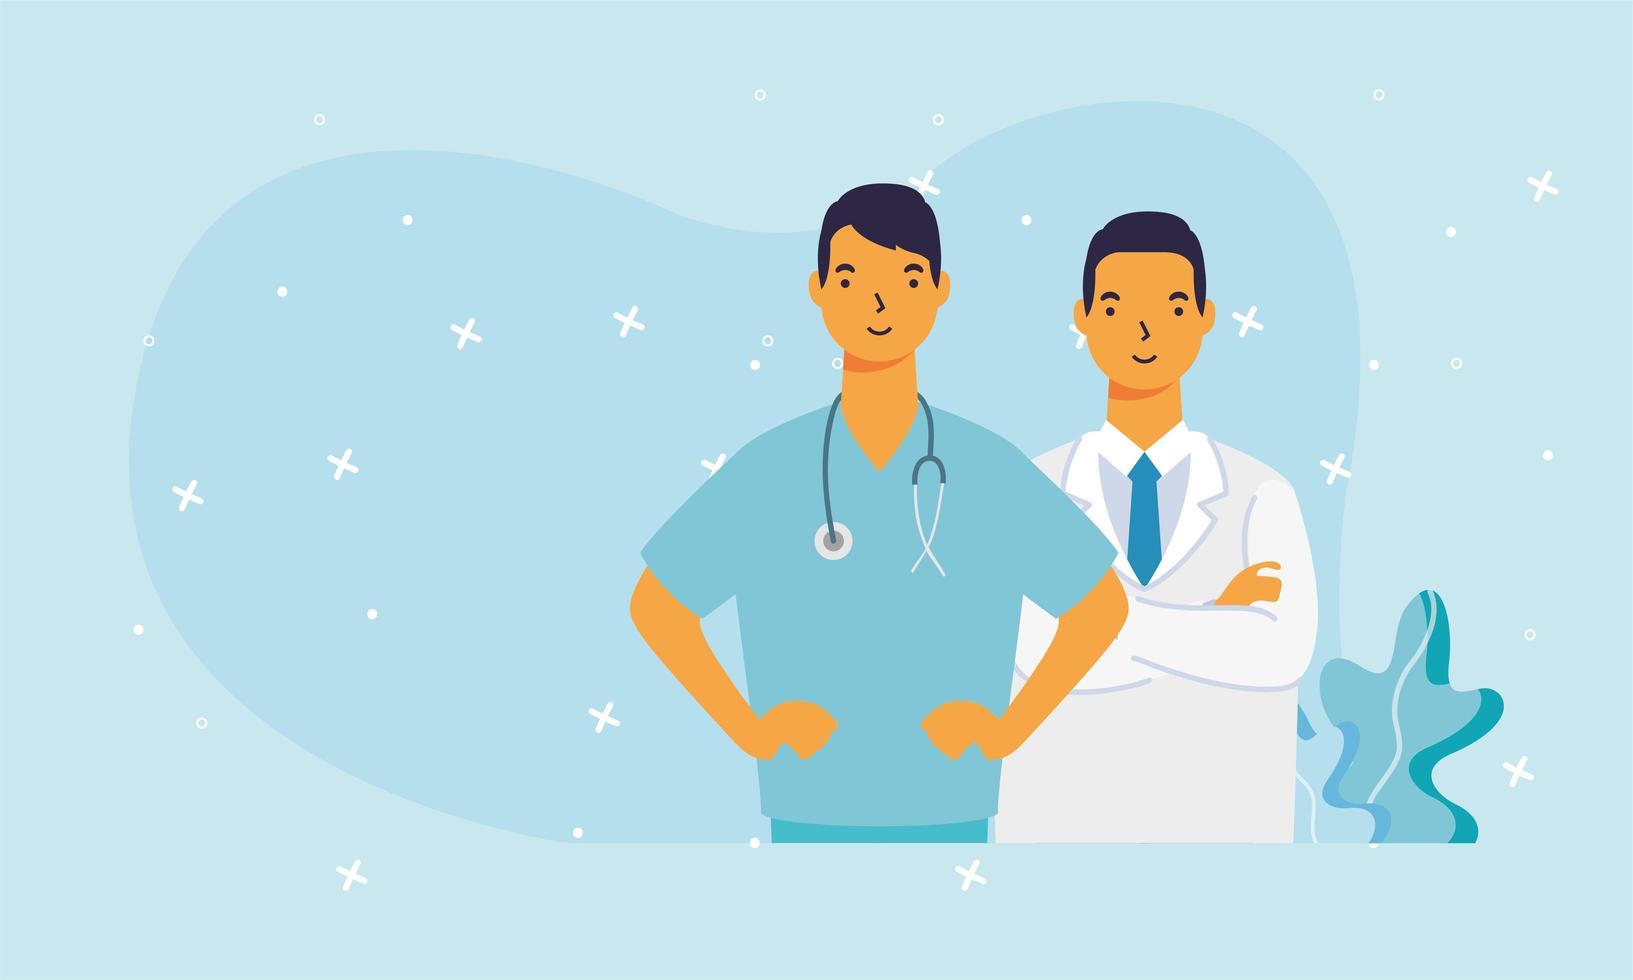 männliche Ärzte mit Uniformen Vektordesign vektor